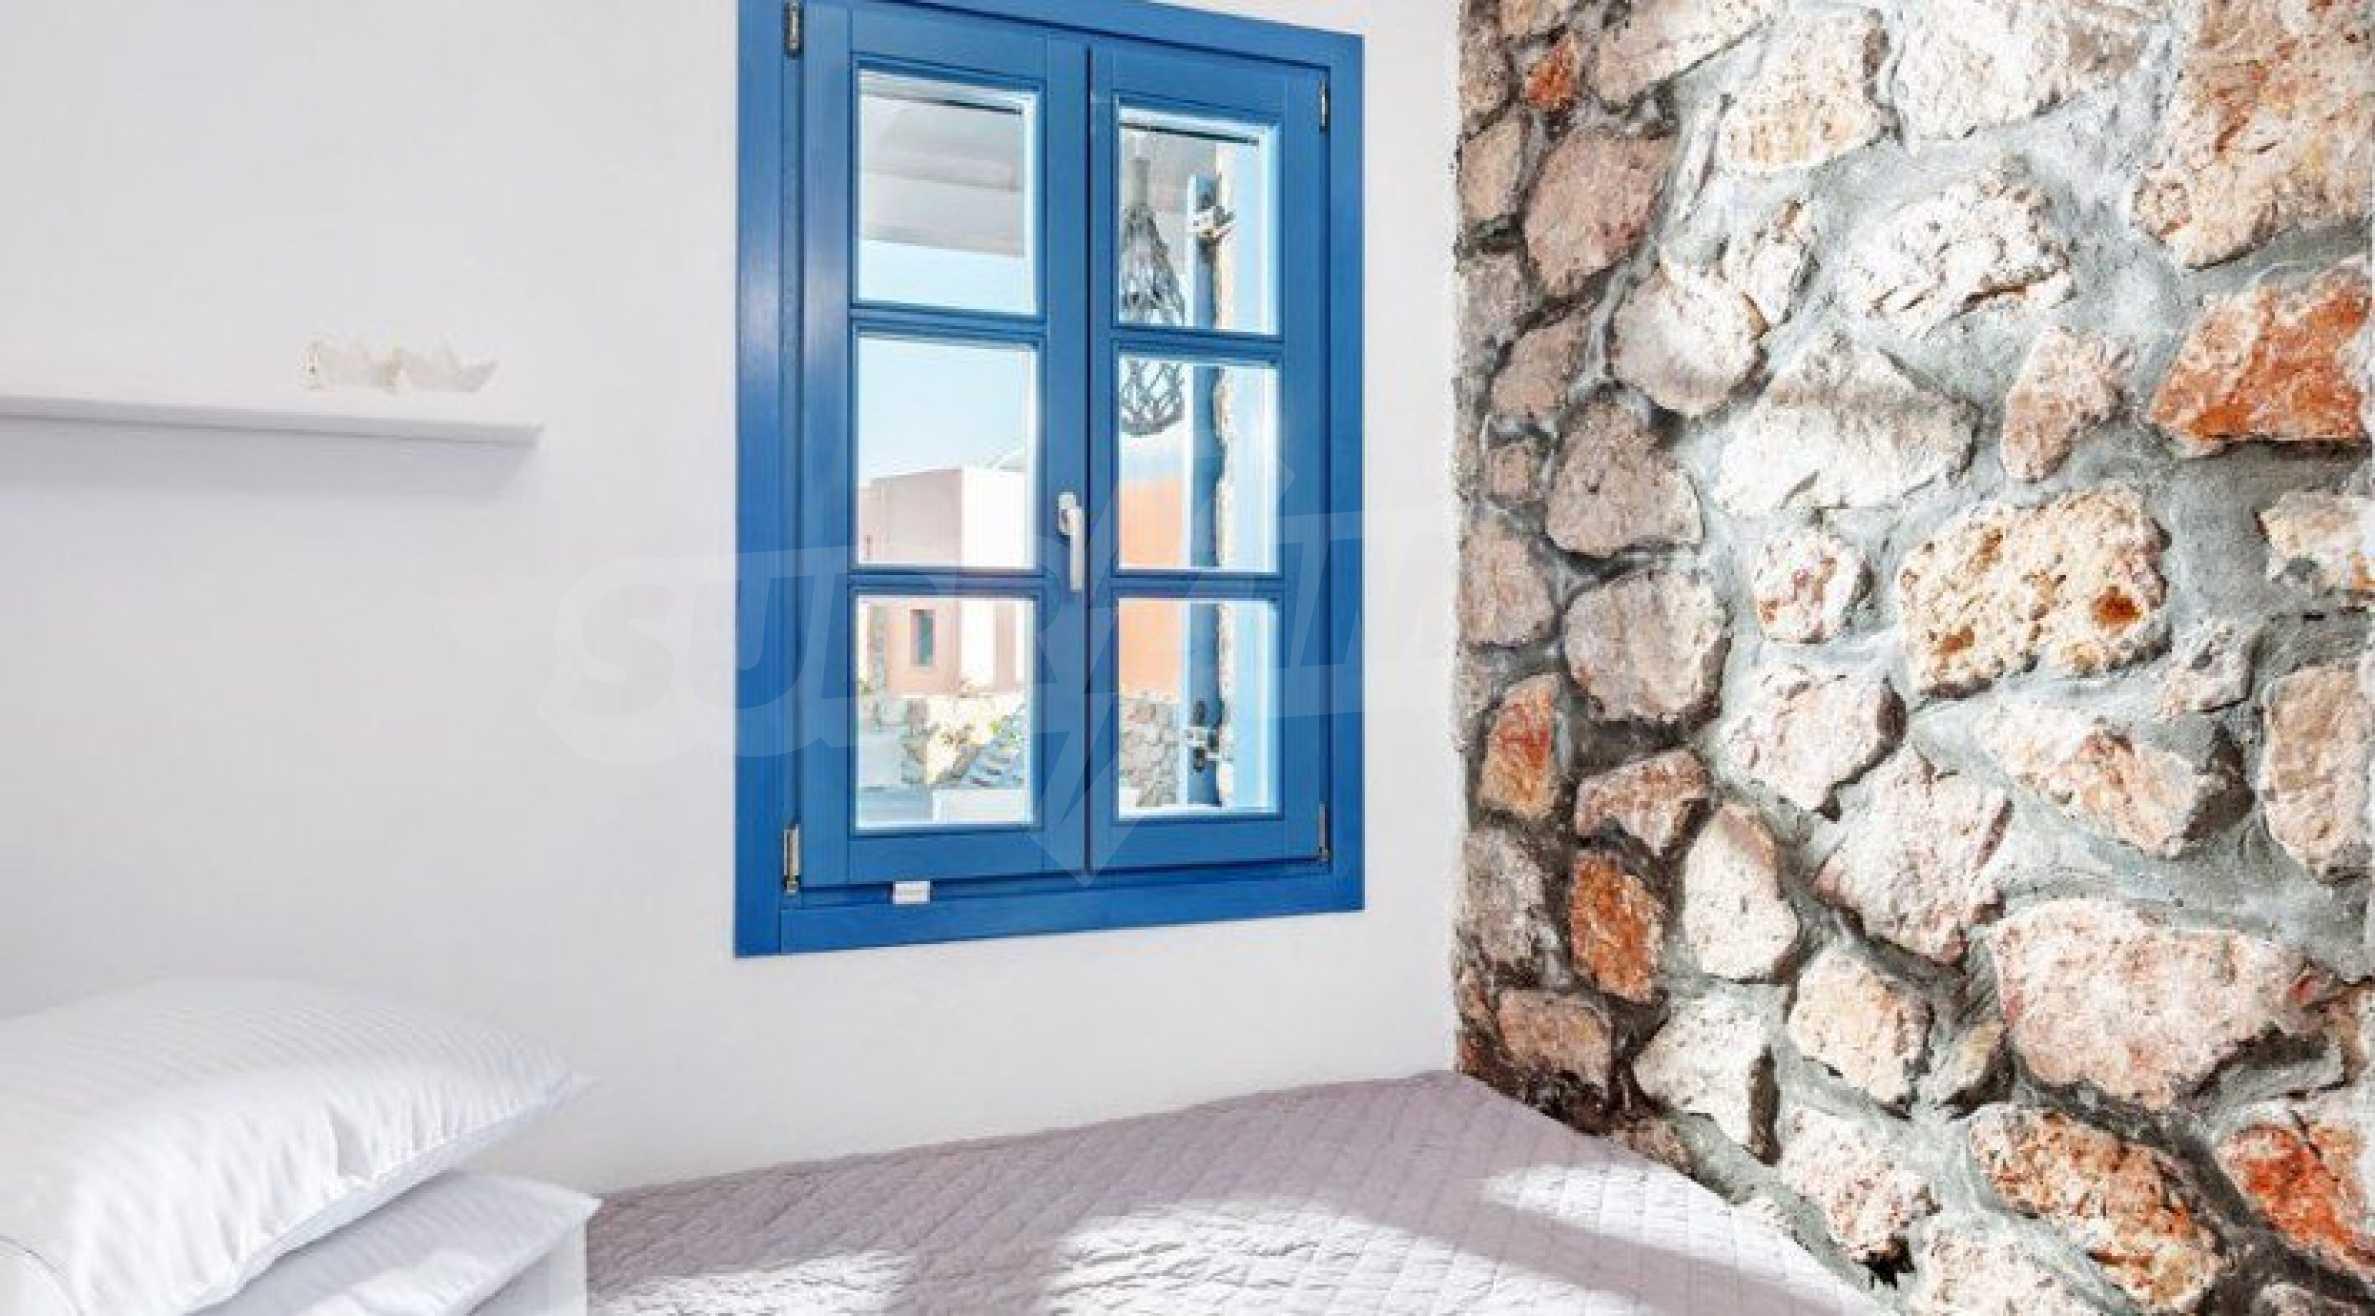 Първокласен имот до Белия плаж на остров Санторини 6